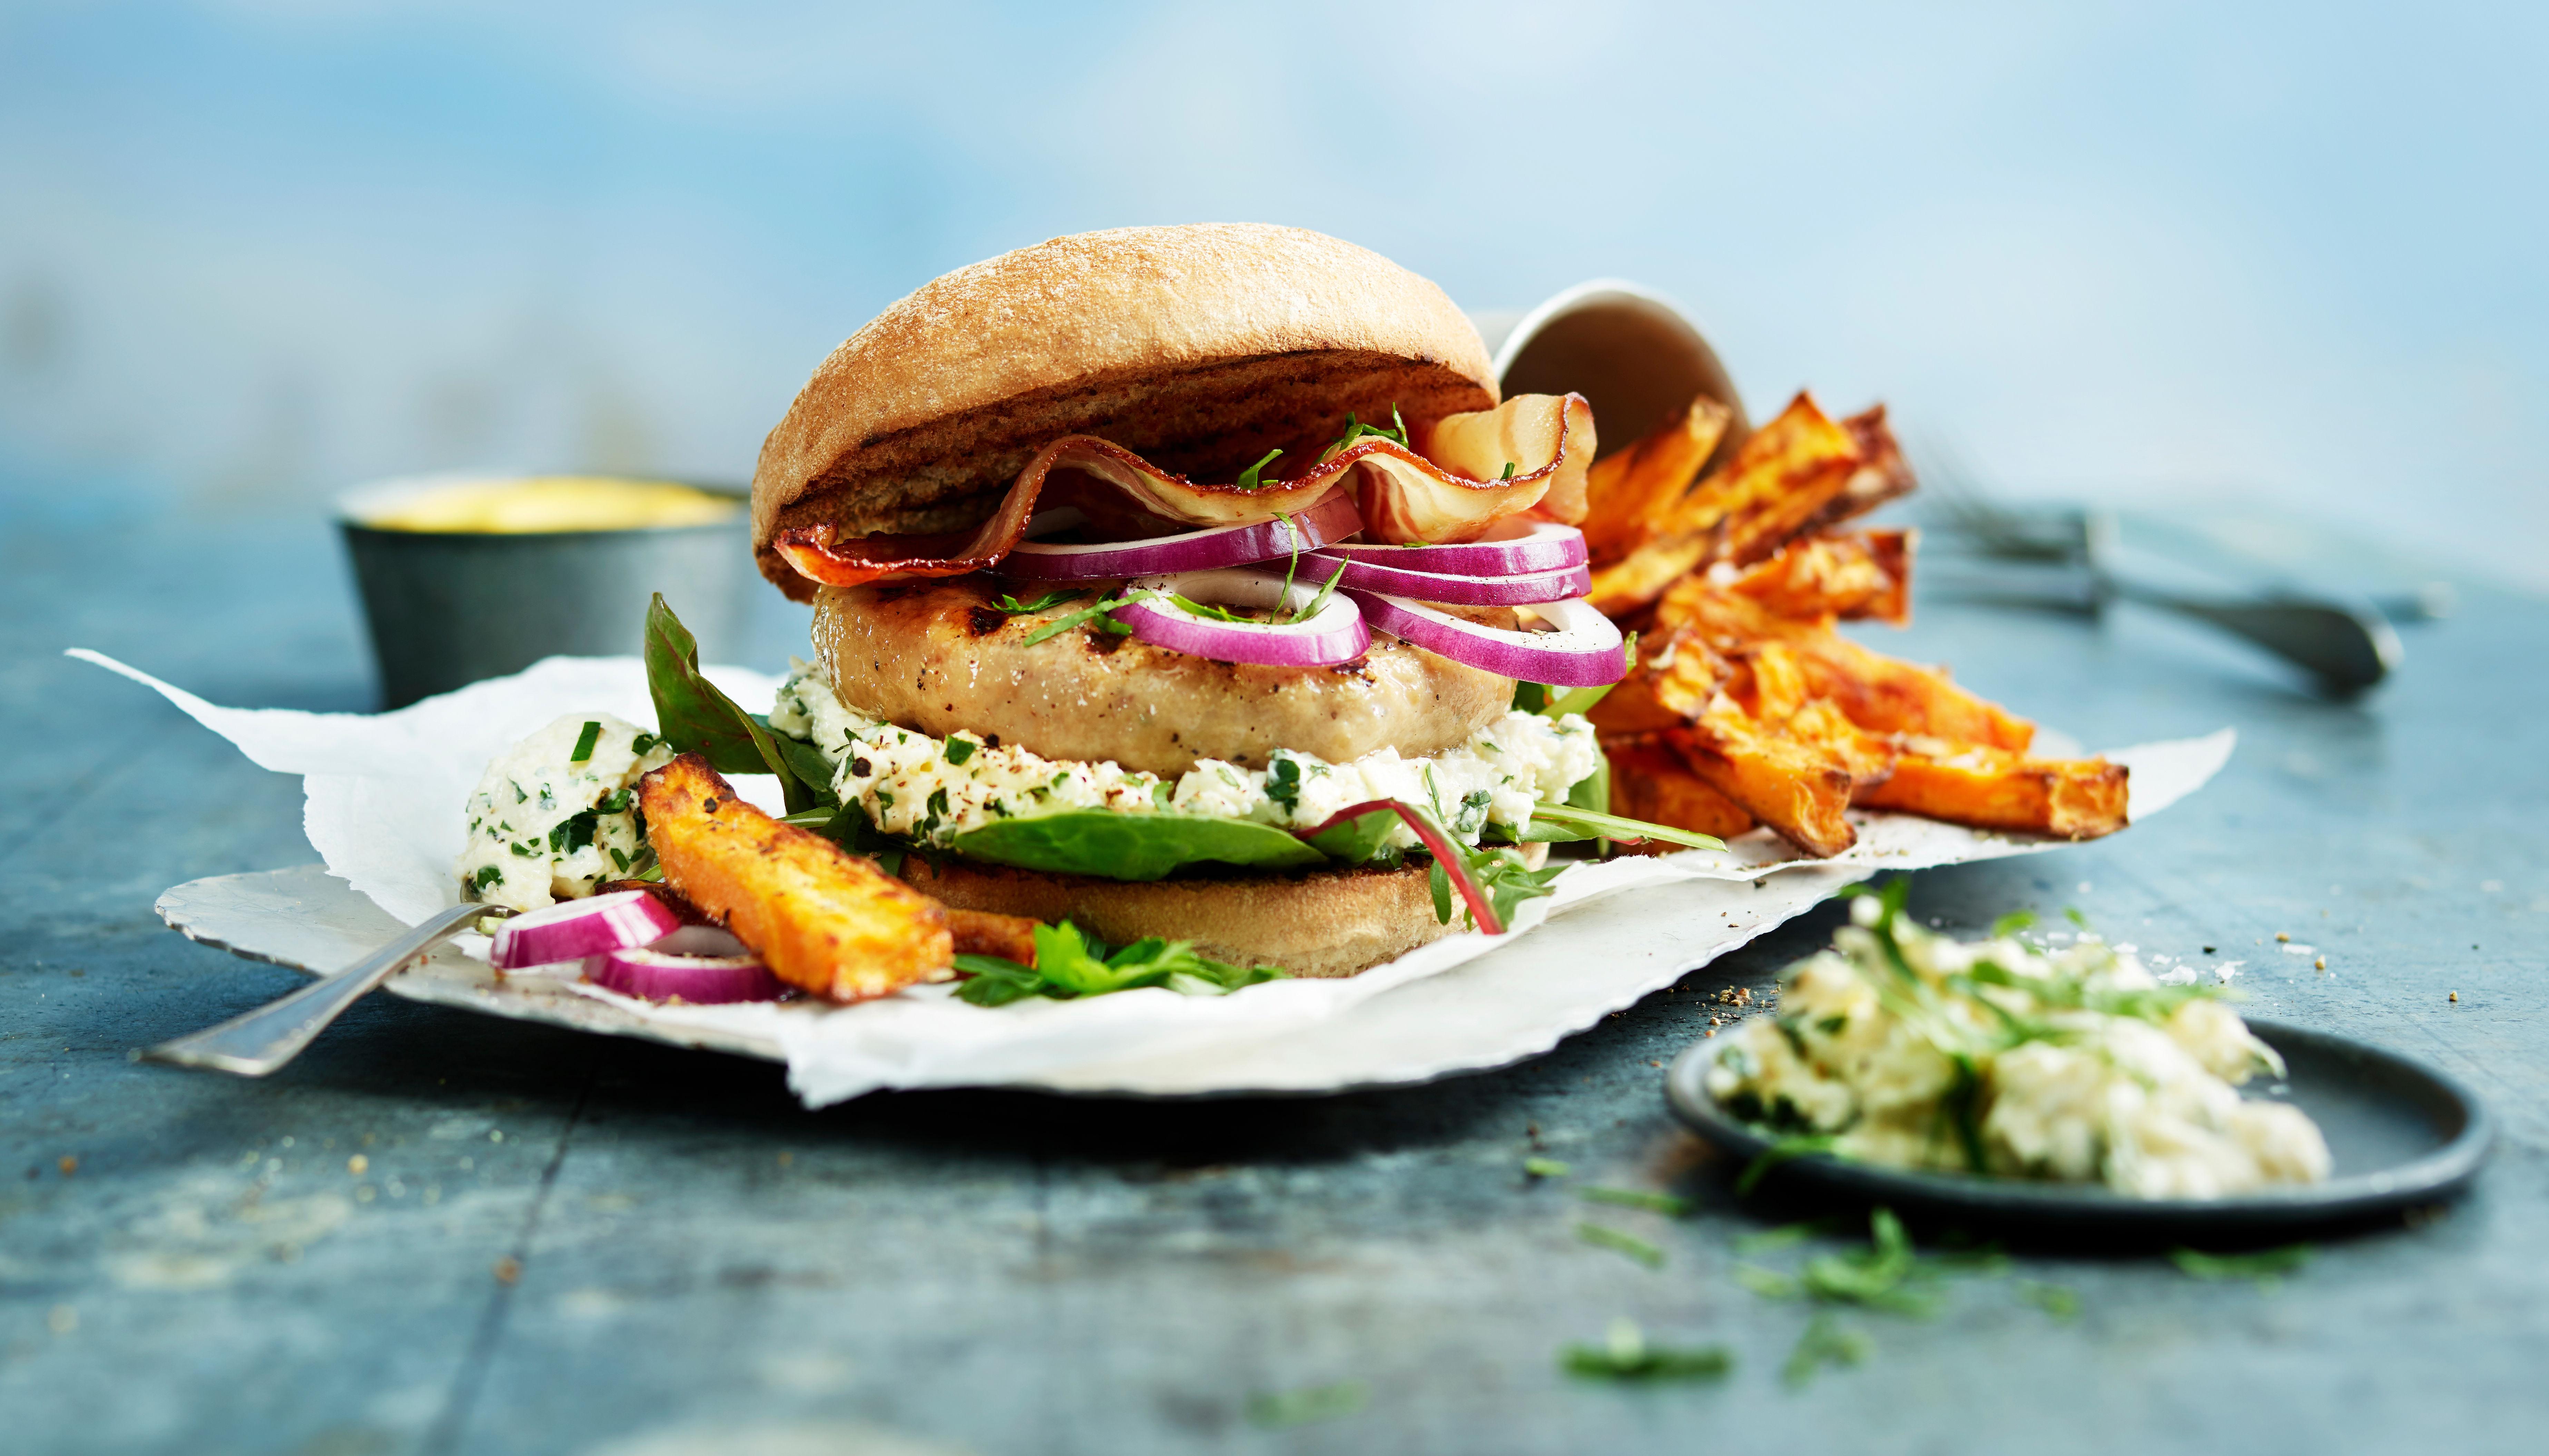 Kyllingburger med søtpotetfries er en av årets favorittburgere fra KIWI.